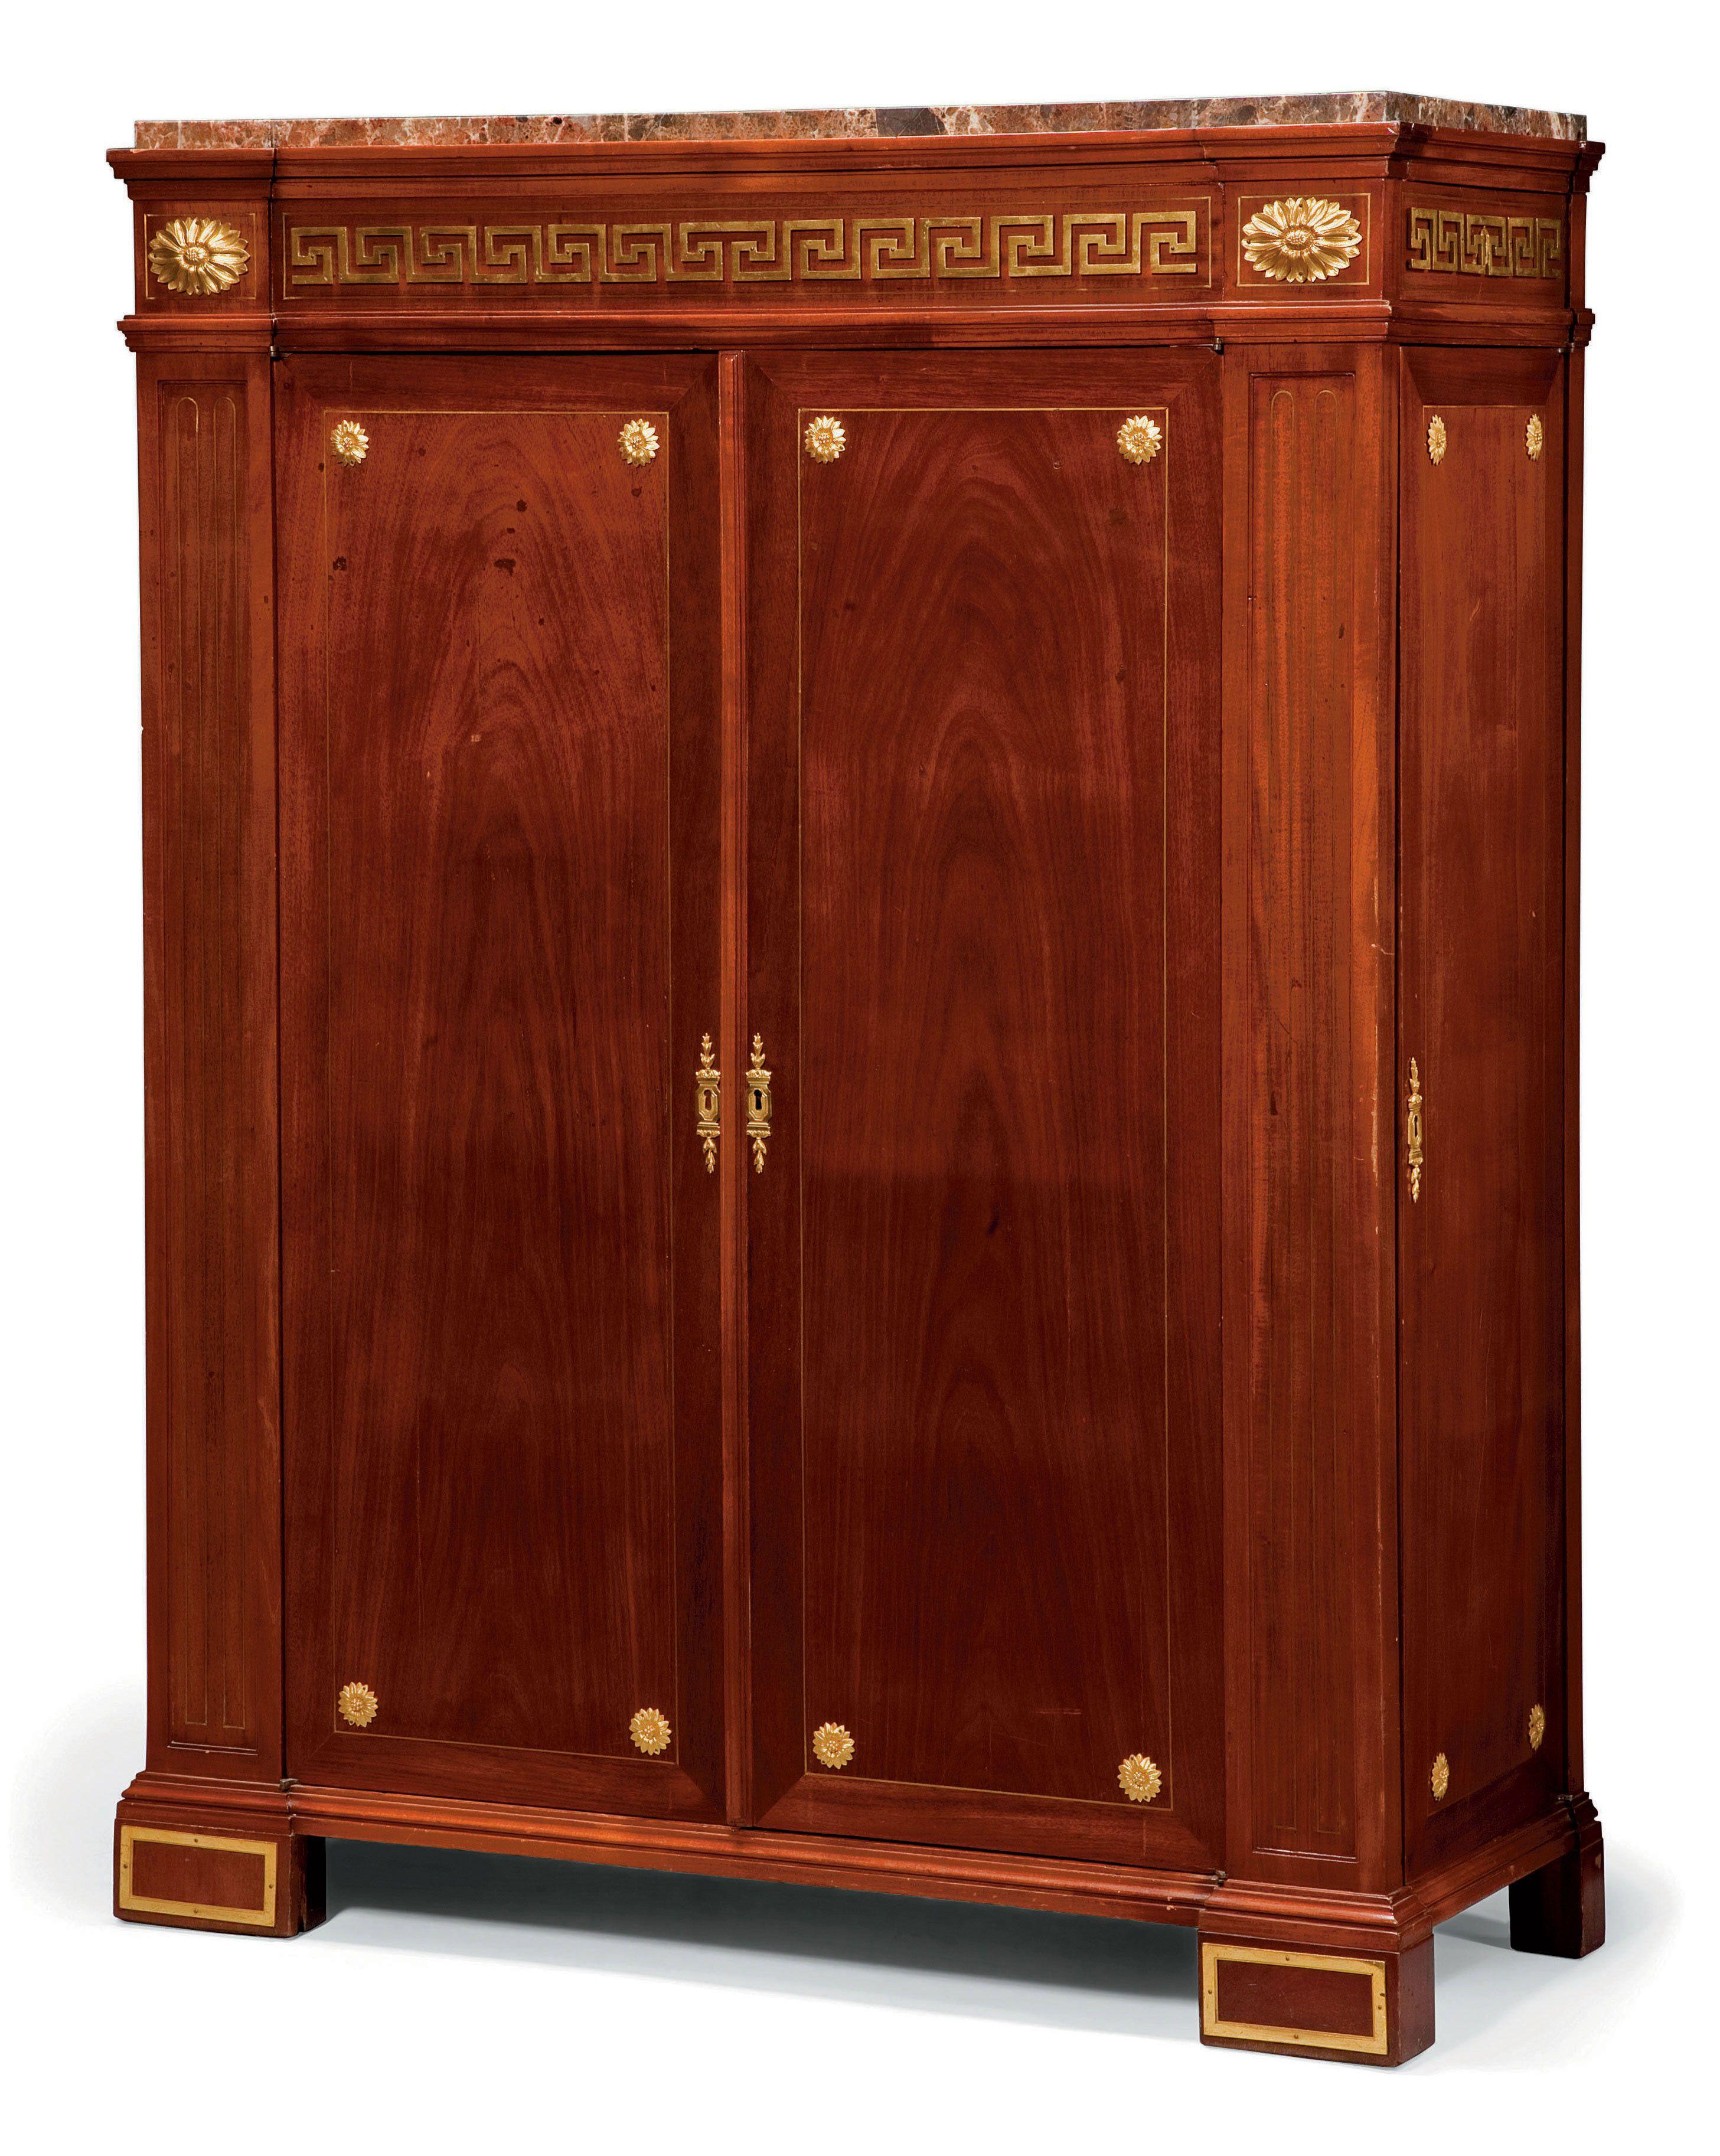 Armoire D Architecte D Epoque Louis Xvi Estampille De Philippe Claude Montigny Vers 1770 Late 18th Century Mobilier De France Mobilier De Salon Louis Xvi